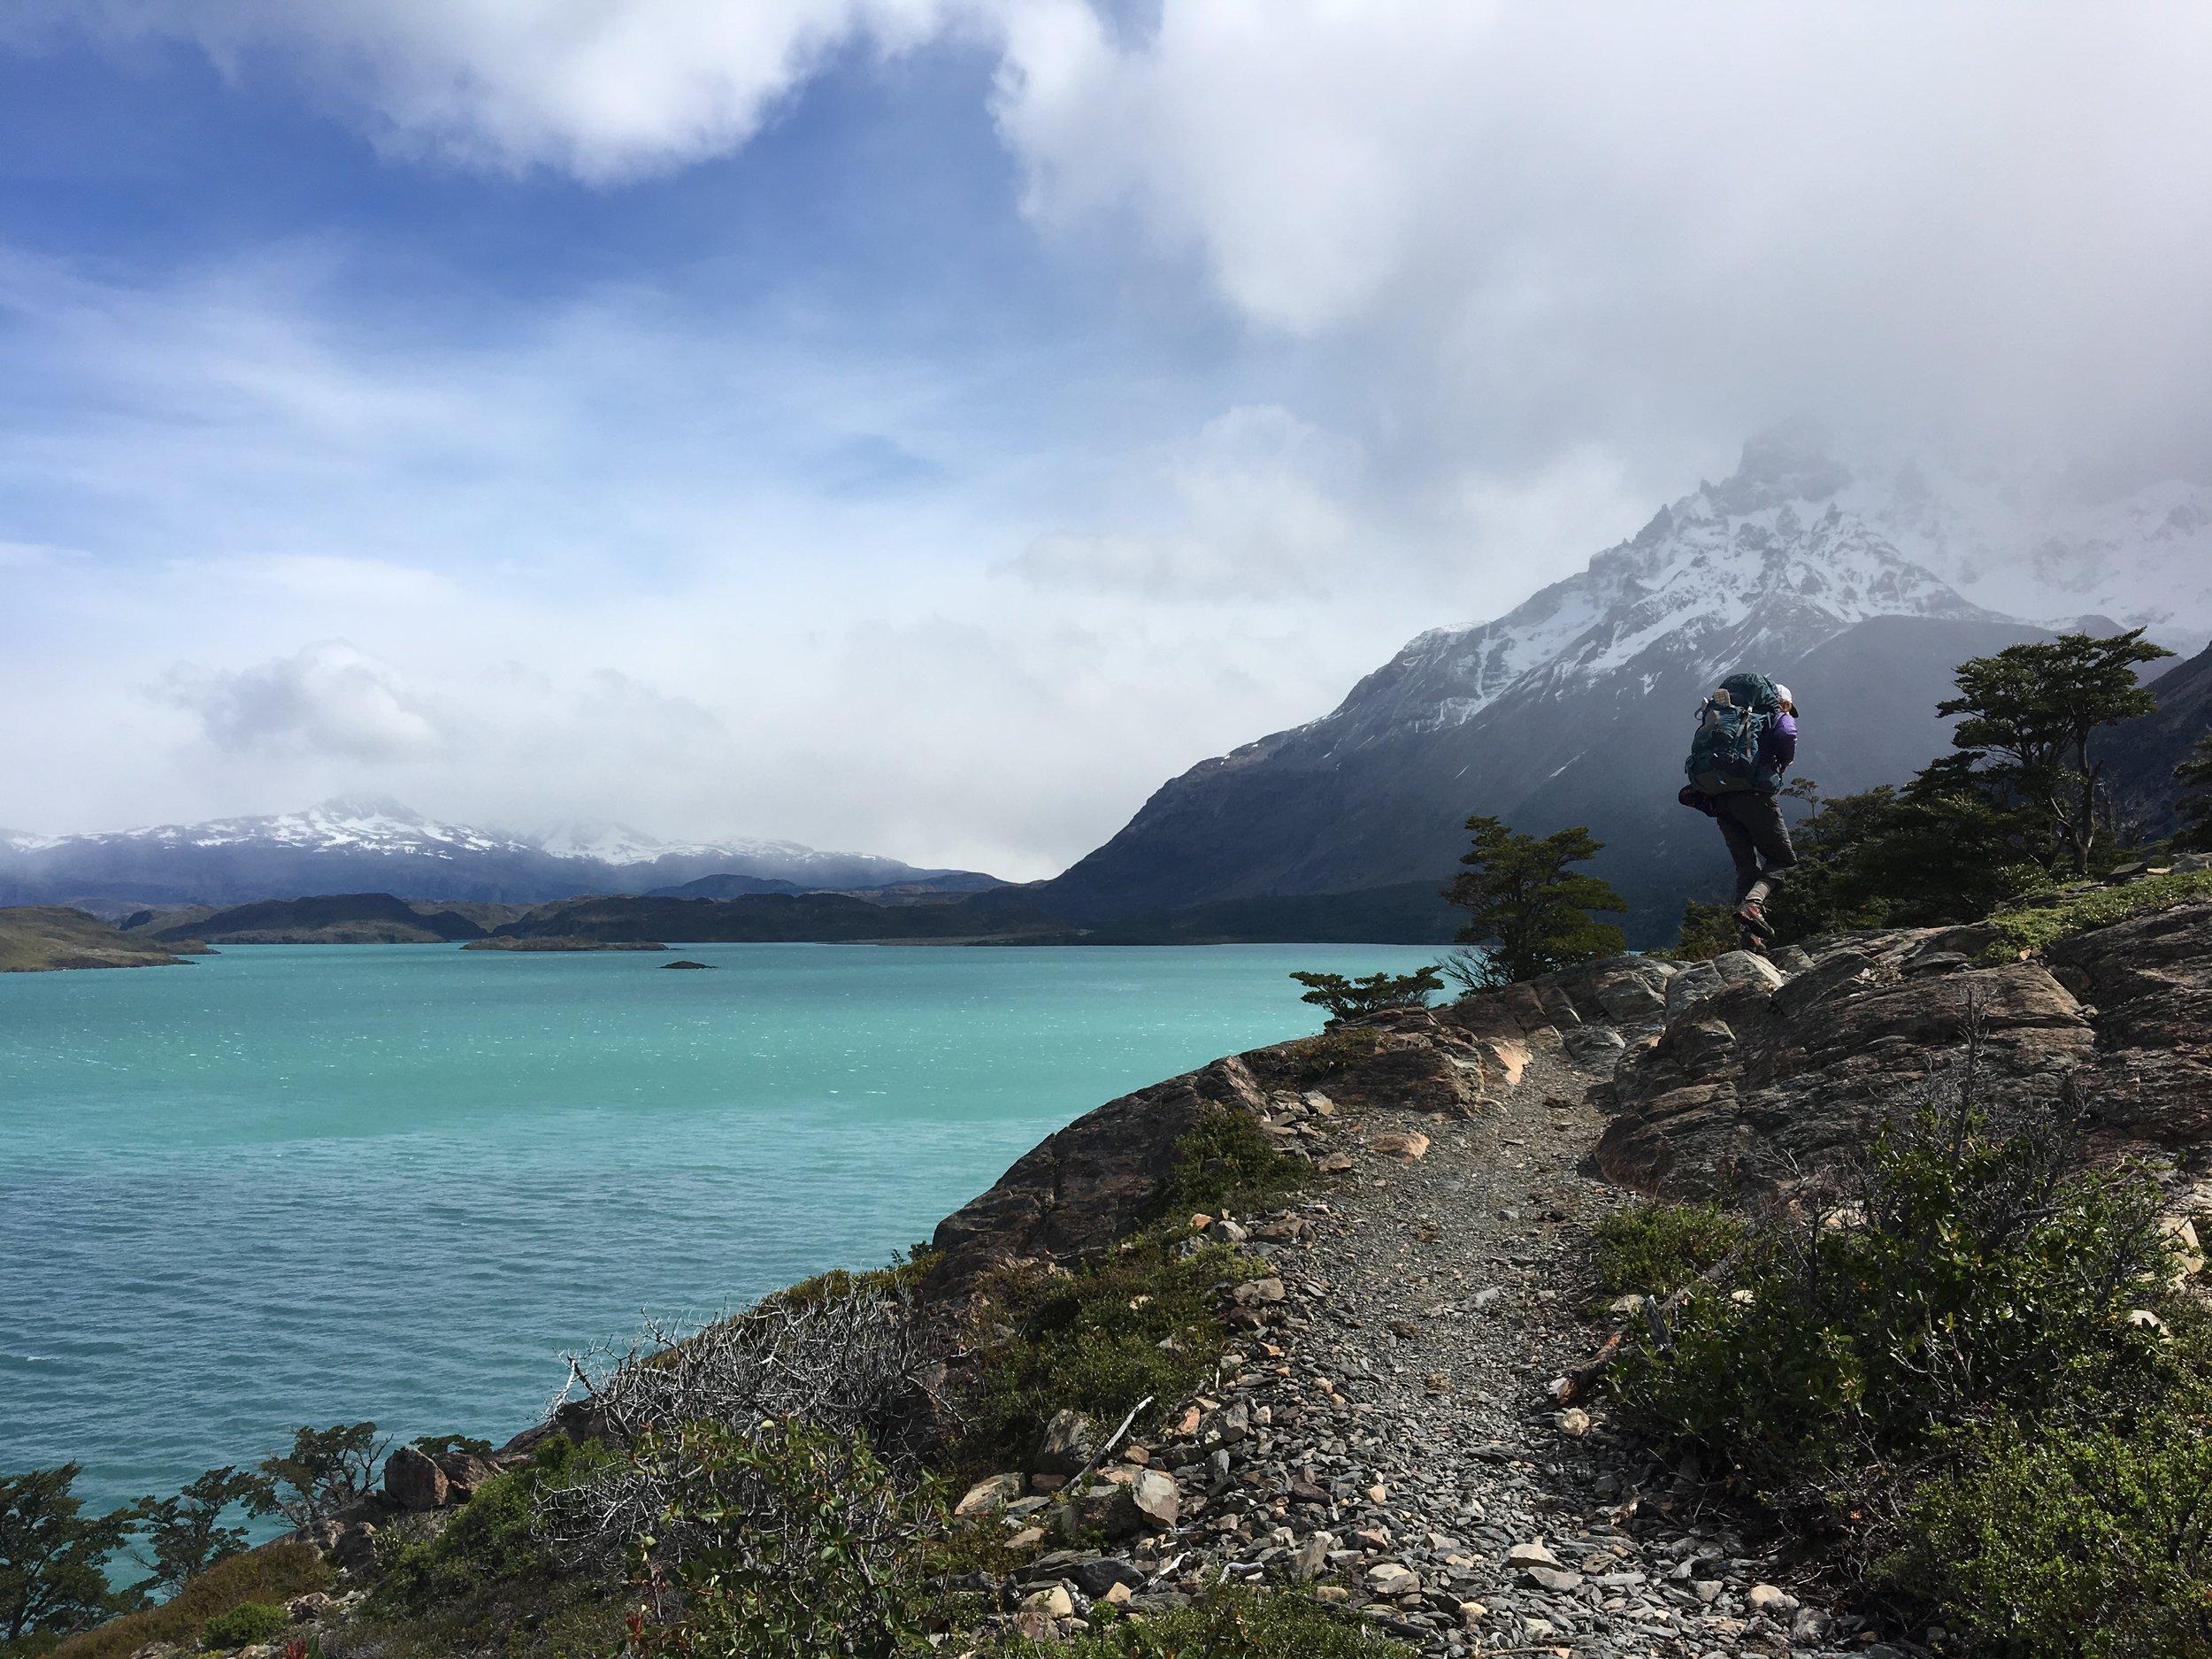 Just an average Patagonian lake.